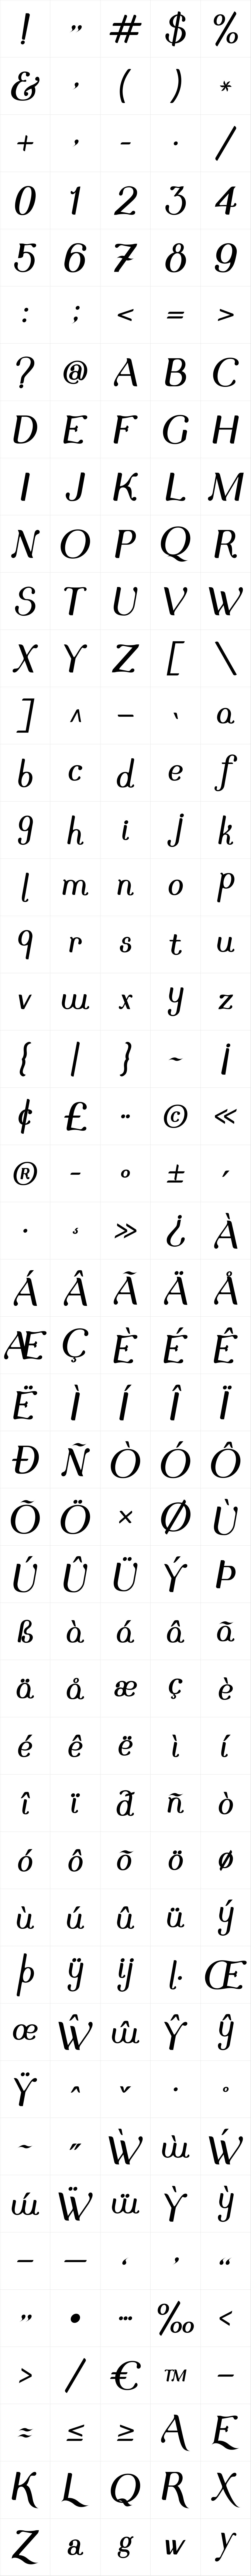 Pedrera Italic Bold